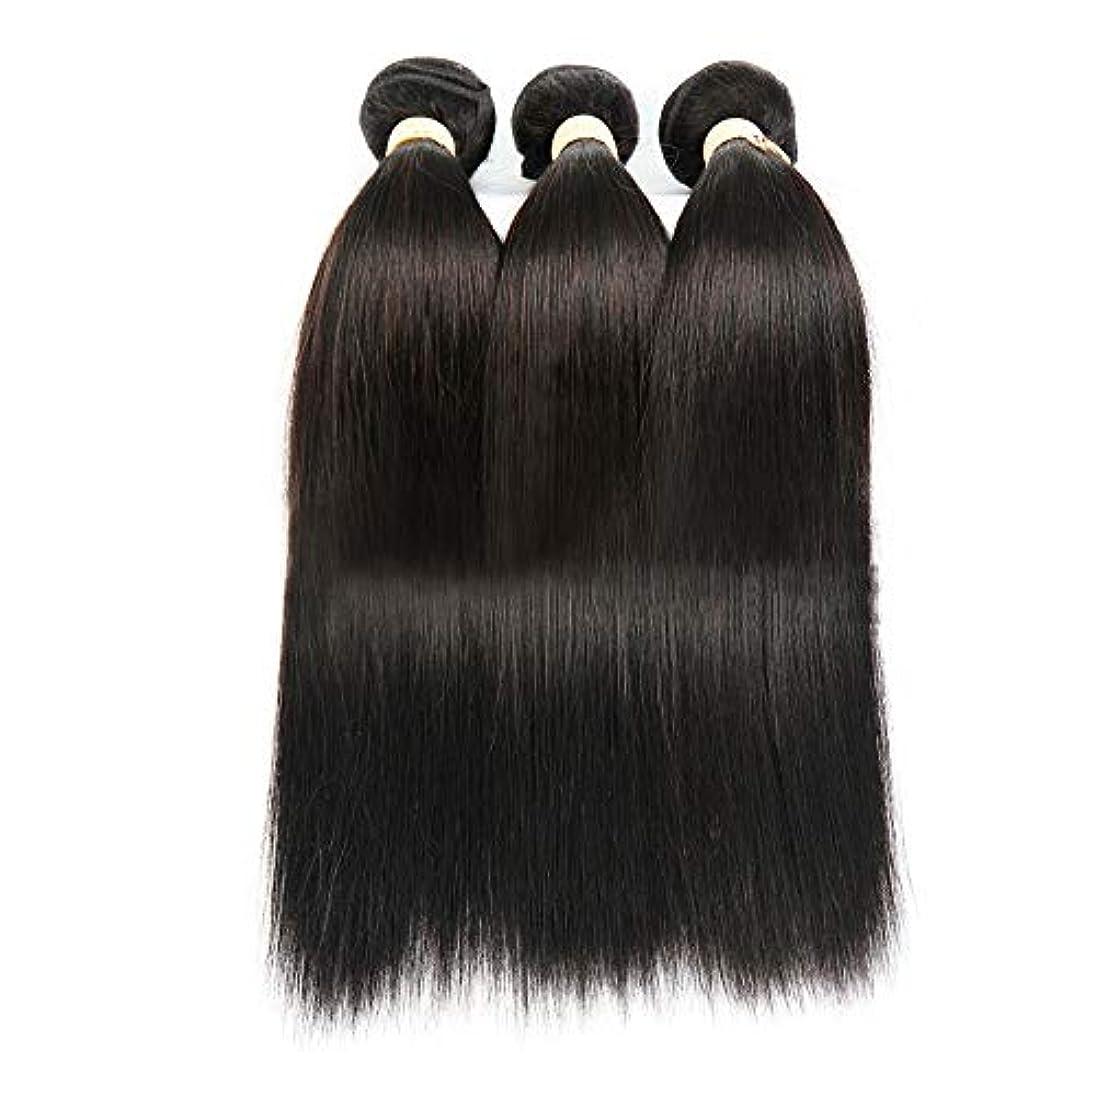 定数リズム貫通WASAIO 8?28インチ)ブラック、ヘアエクステンションクリップのシームレスなリアルな黒人間織りバンドル実横糸 - 真(1つのバンドル (色 : 黒, サイズ : 18 inch)